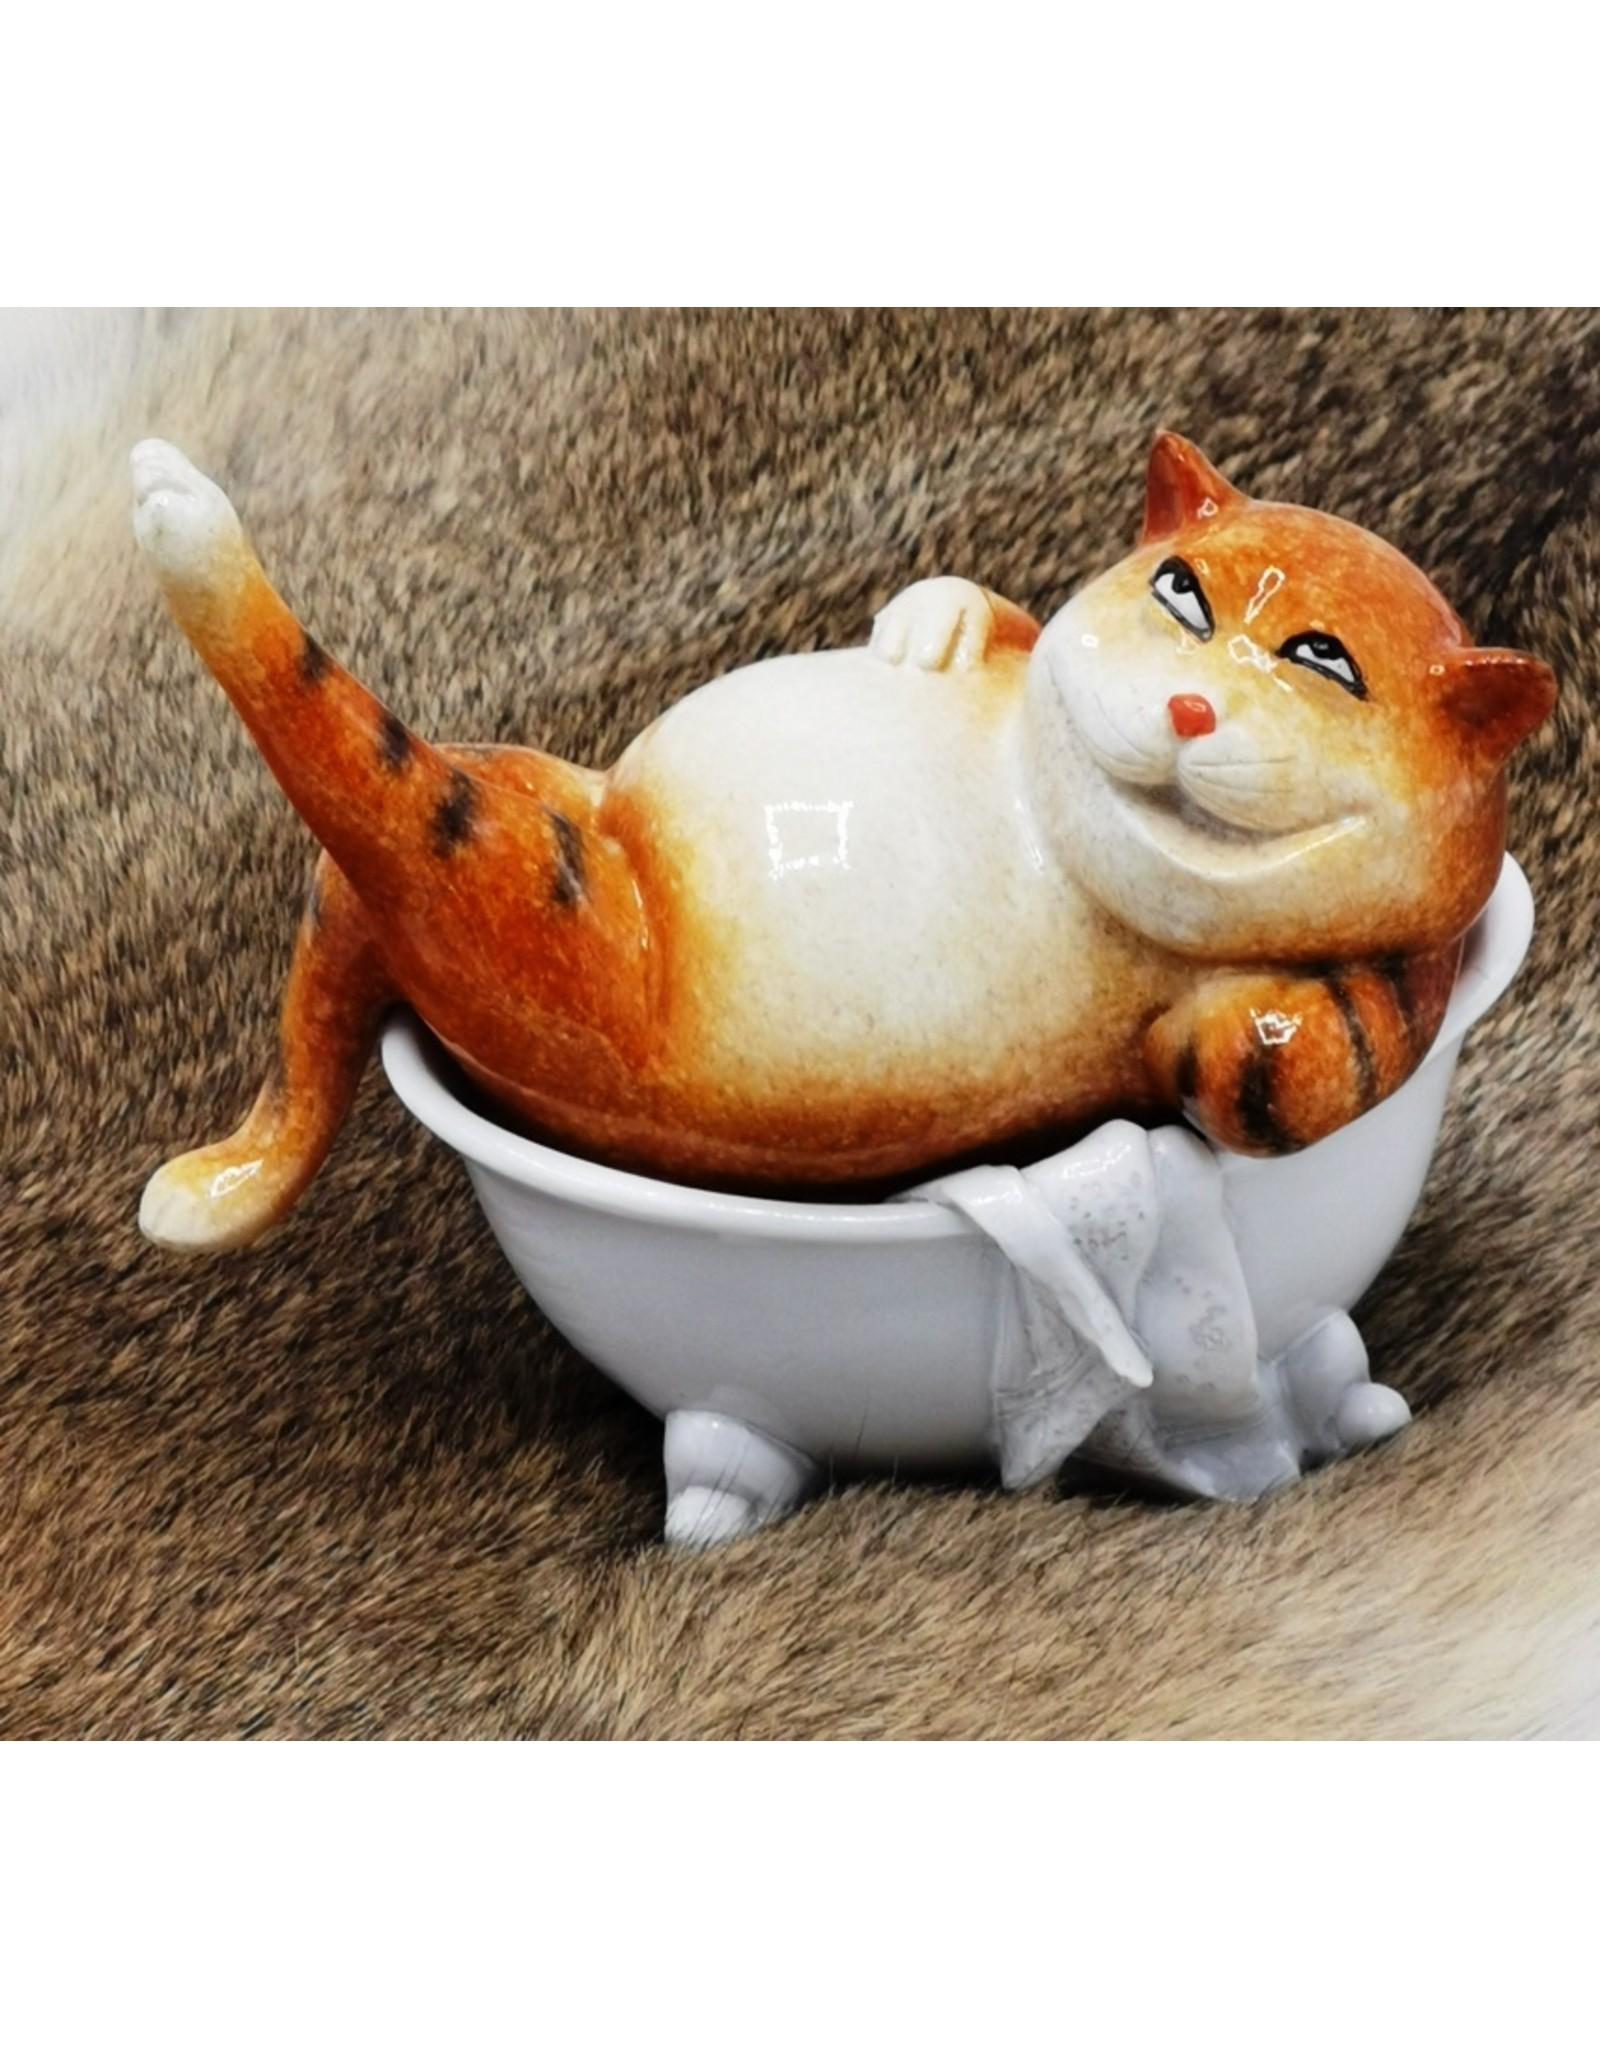 Rode Kat in Badkuip beeld Giftware, beelden, collectables - Rode Kat in Badkuip beeld - 13cm, polyresin